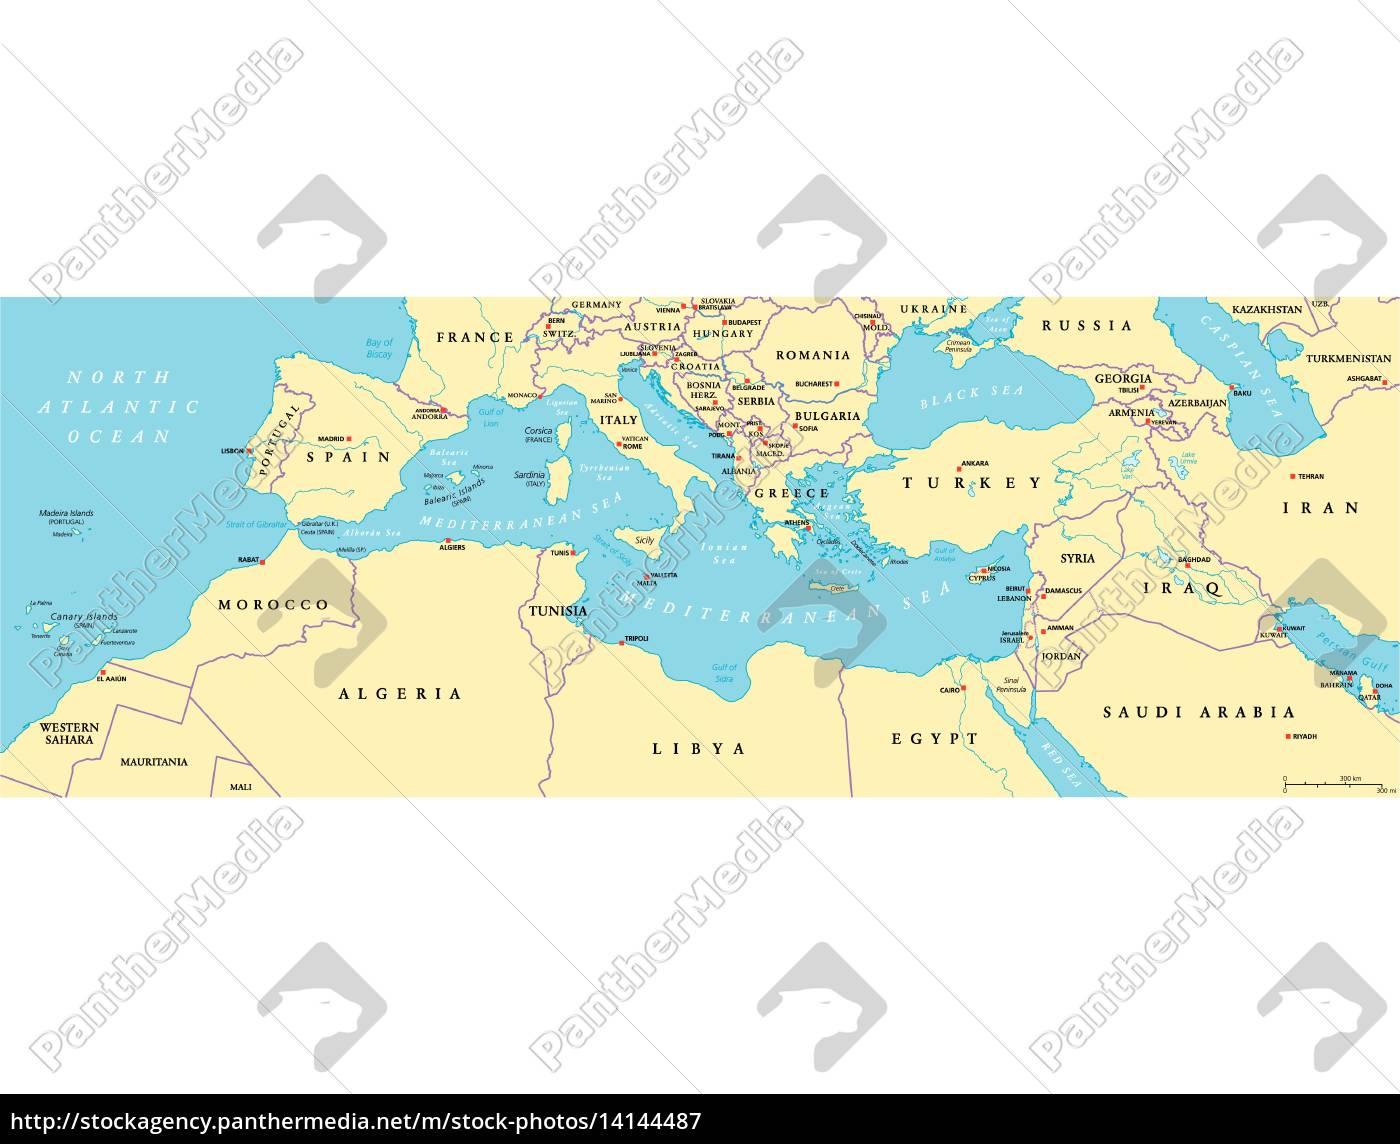 mittelmeerraum karte mittelmeerraum politische karte   Stockfoto   #14144487